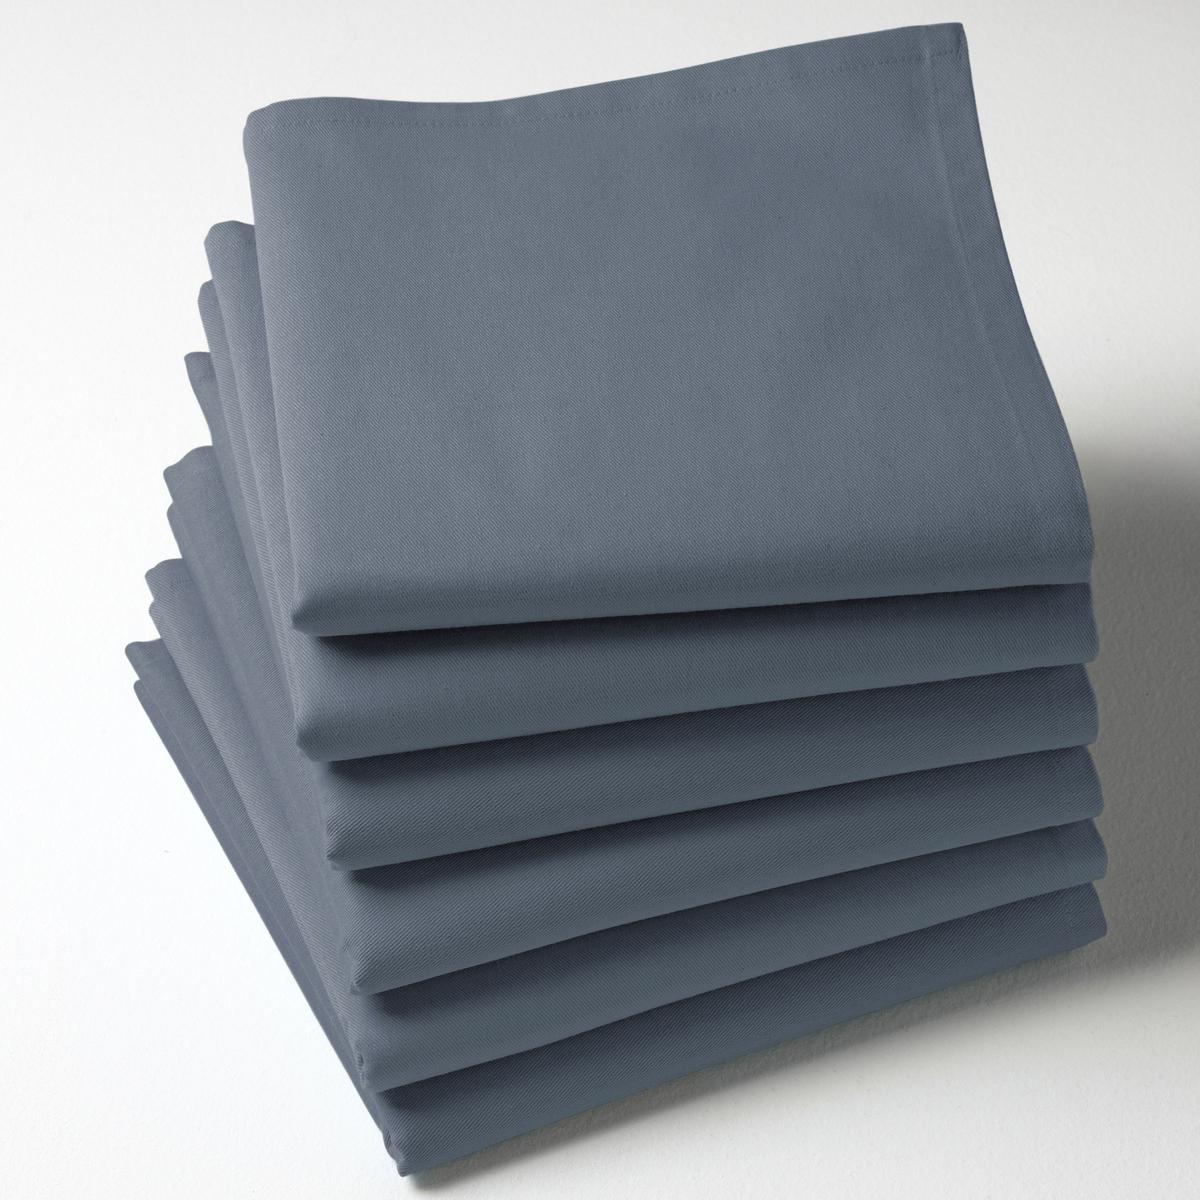 6 салфетокКачество Valeur S?re. Однотонные салфетки из саржи, 100% хлопка. 45 х 45 см. Мягкий и прочный материал. Легко гладить. Стирка при 40°.<br><br>Цвет: бледный сине-зеленый,бордовый,красный,серо-бежевый,серо-коричневый каштан,Серо-синий,серый,синий прусский,сливовый,терракота<br>Размер: 45 x 45  см.45 x 45  см.45 x 45  см.45 x 45  см